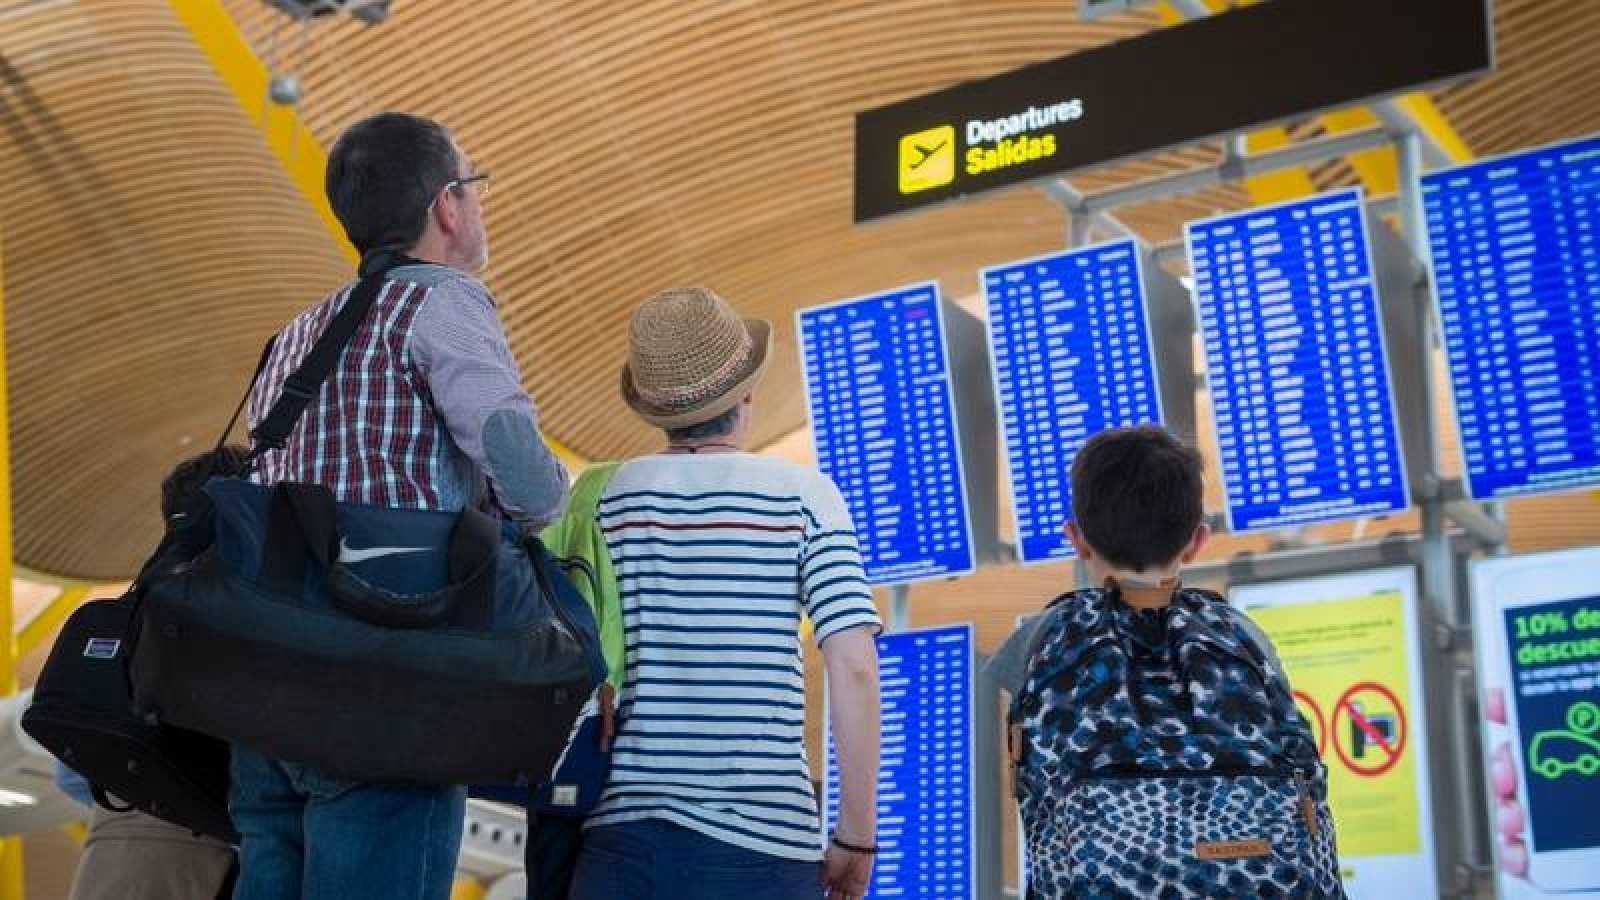 La población española residente en el extranjero aumentó un 2,5% en 2018